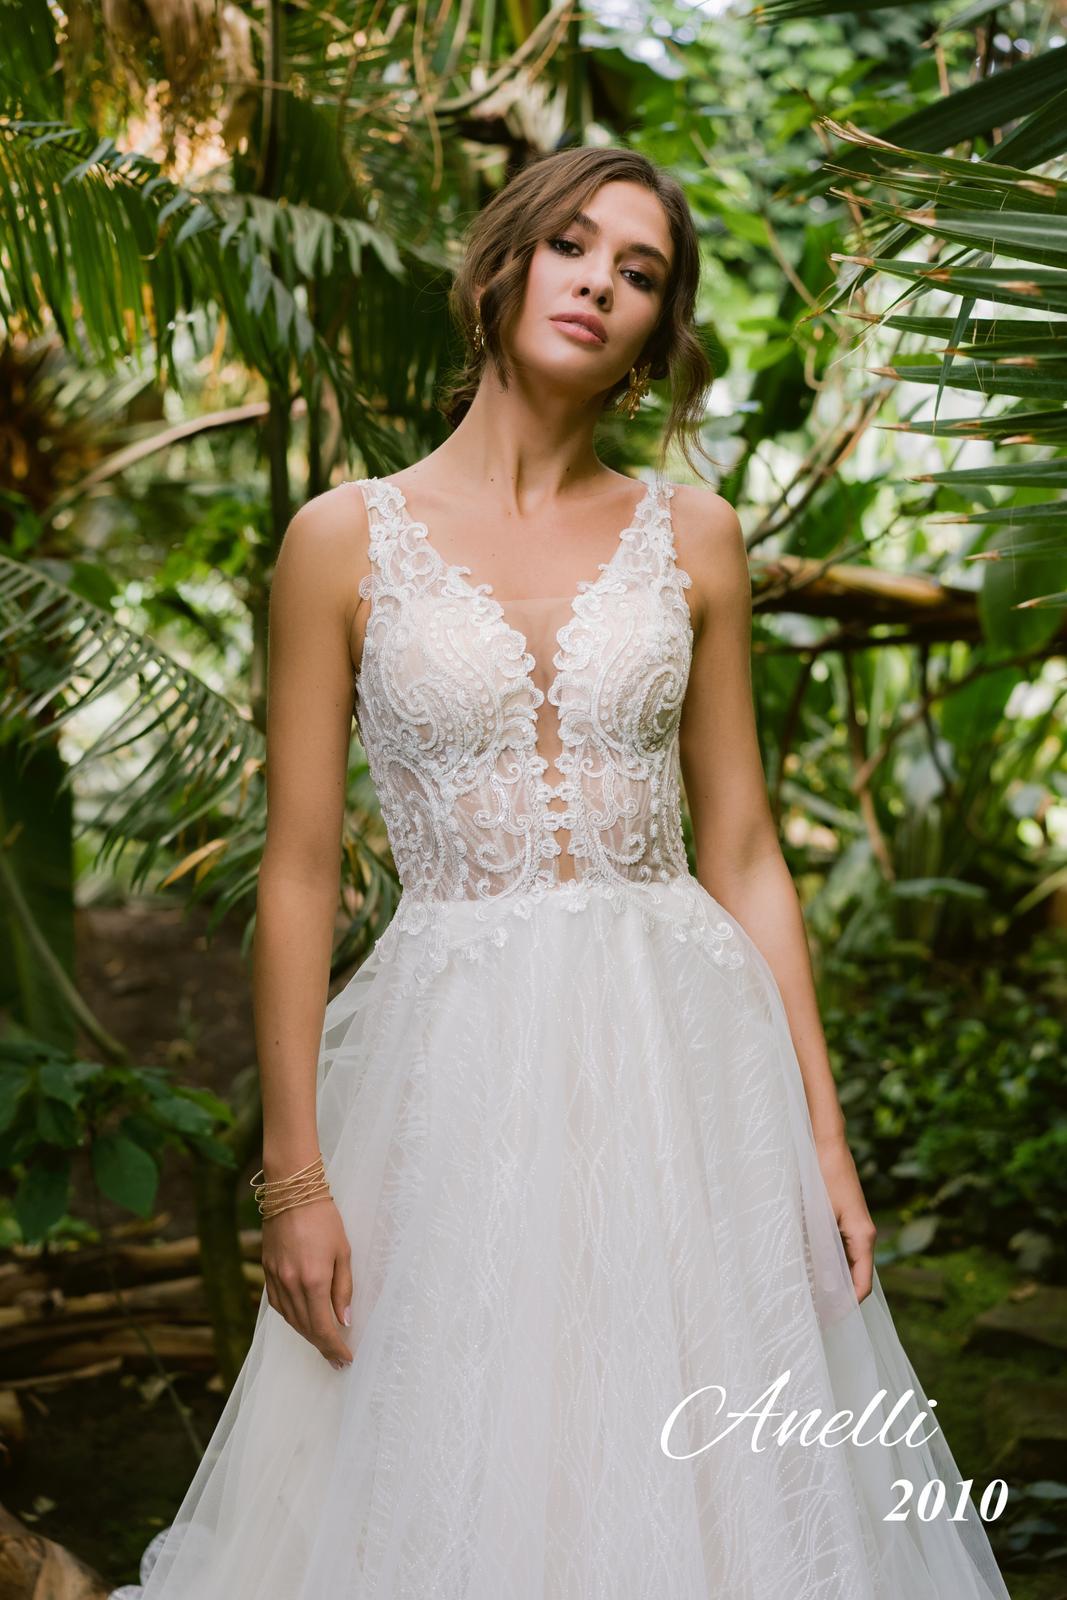 Svadobné šaty - Breeze 2010 - Obrázok č. 1